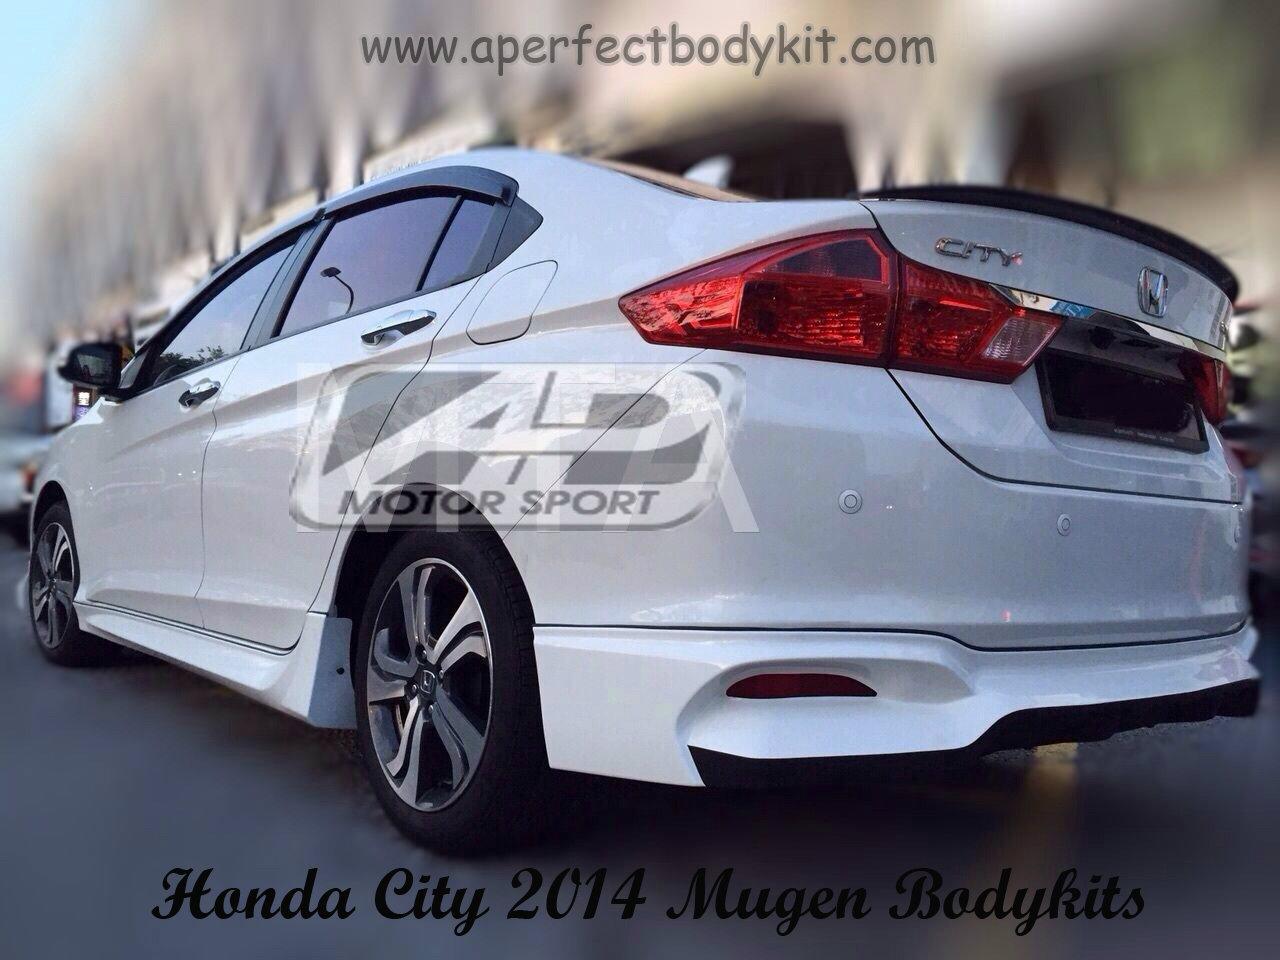 Honda City 2014 Mugen Bodykits Honda City 2014 Johor Bahru